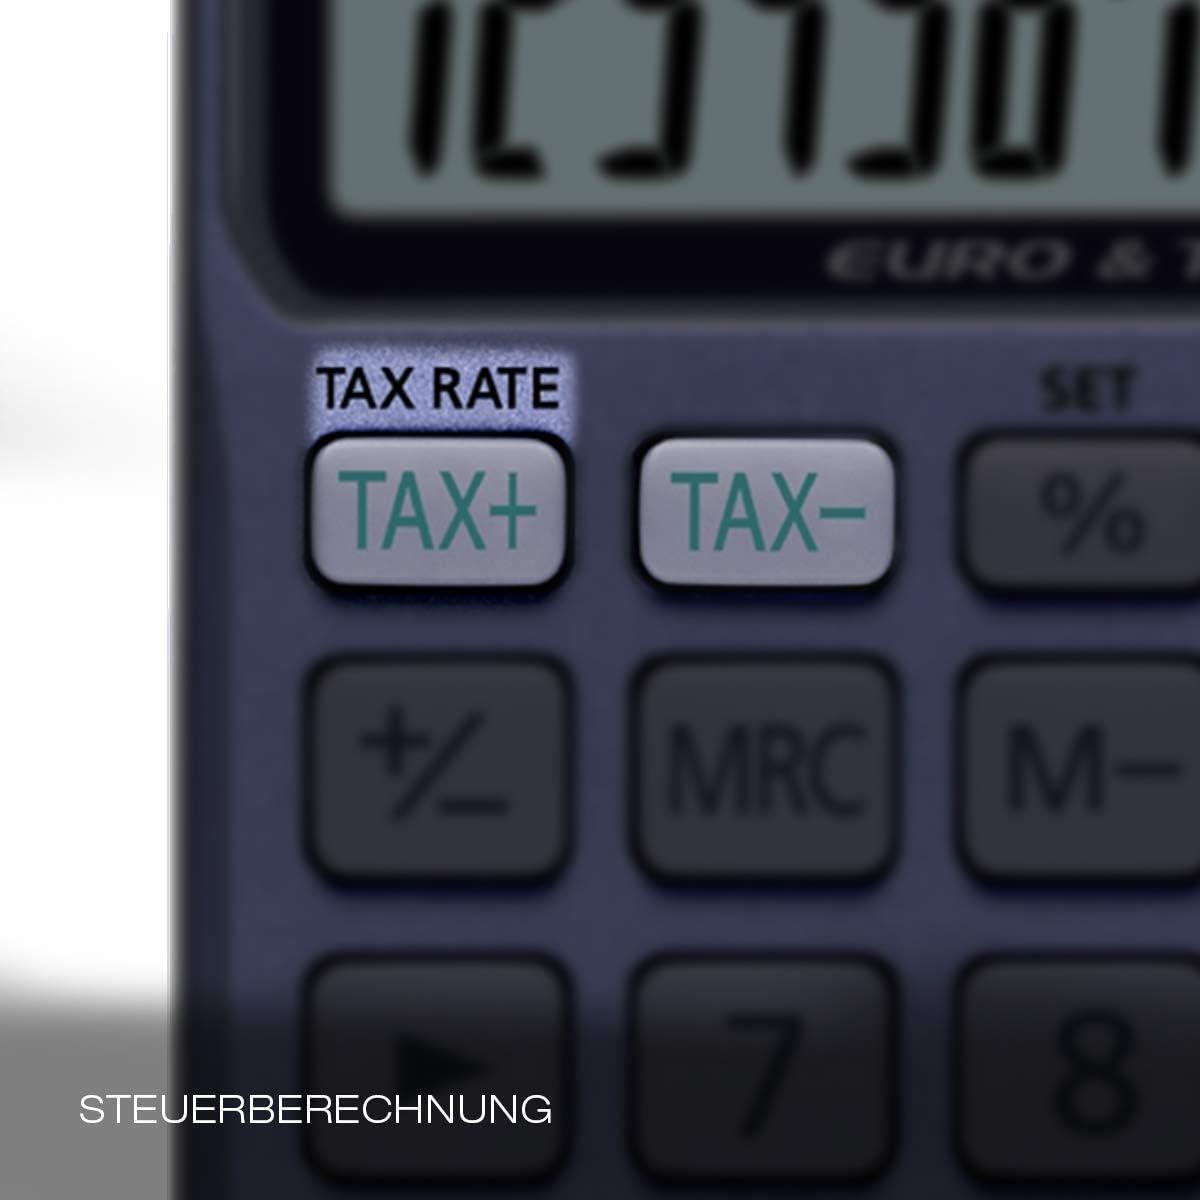 CASIO SL-320TER Steuerberechnung W/ährungsumrechnung Taschenrechner 12-stellig Solar//Batterie